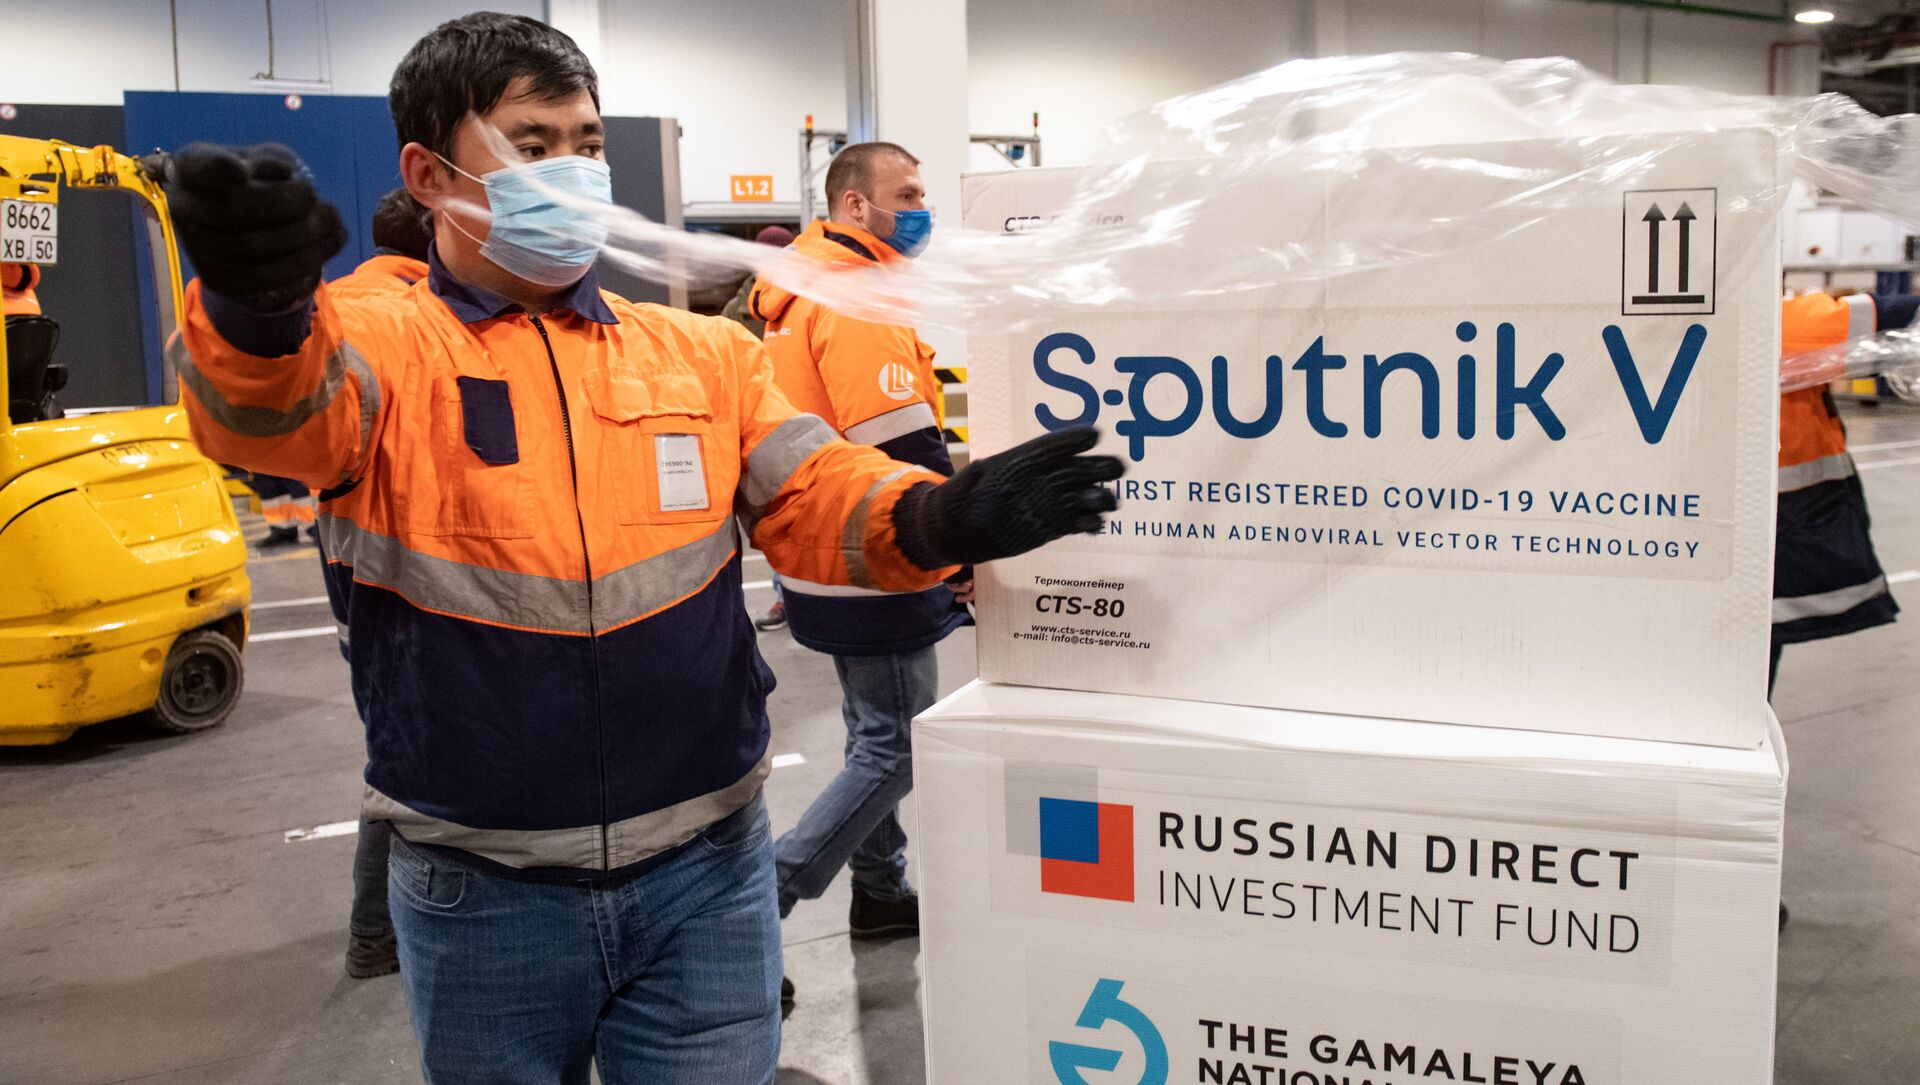 Dostawa szczepionki Sputnik V do terminalu Moscow Cargo na lotnisku Szeremietiewo. - Sputnik Polska, 1920, 26.05.2021